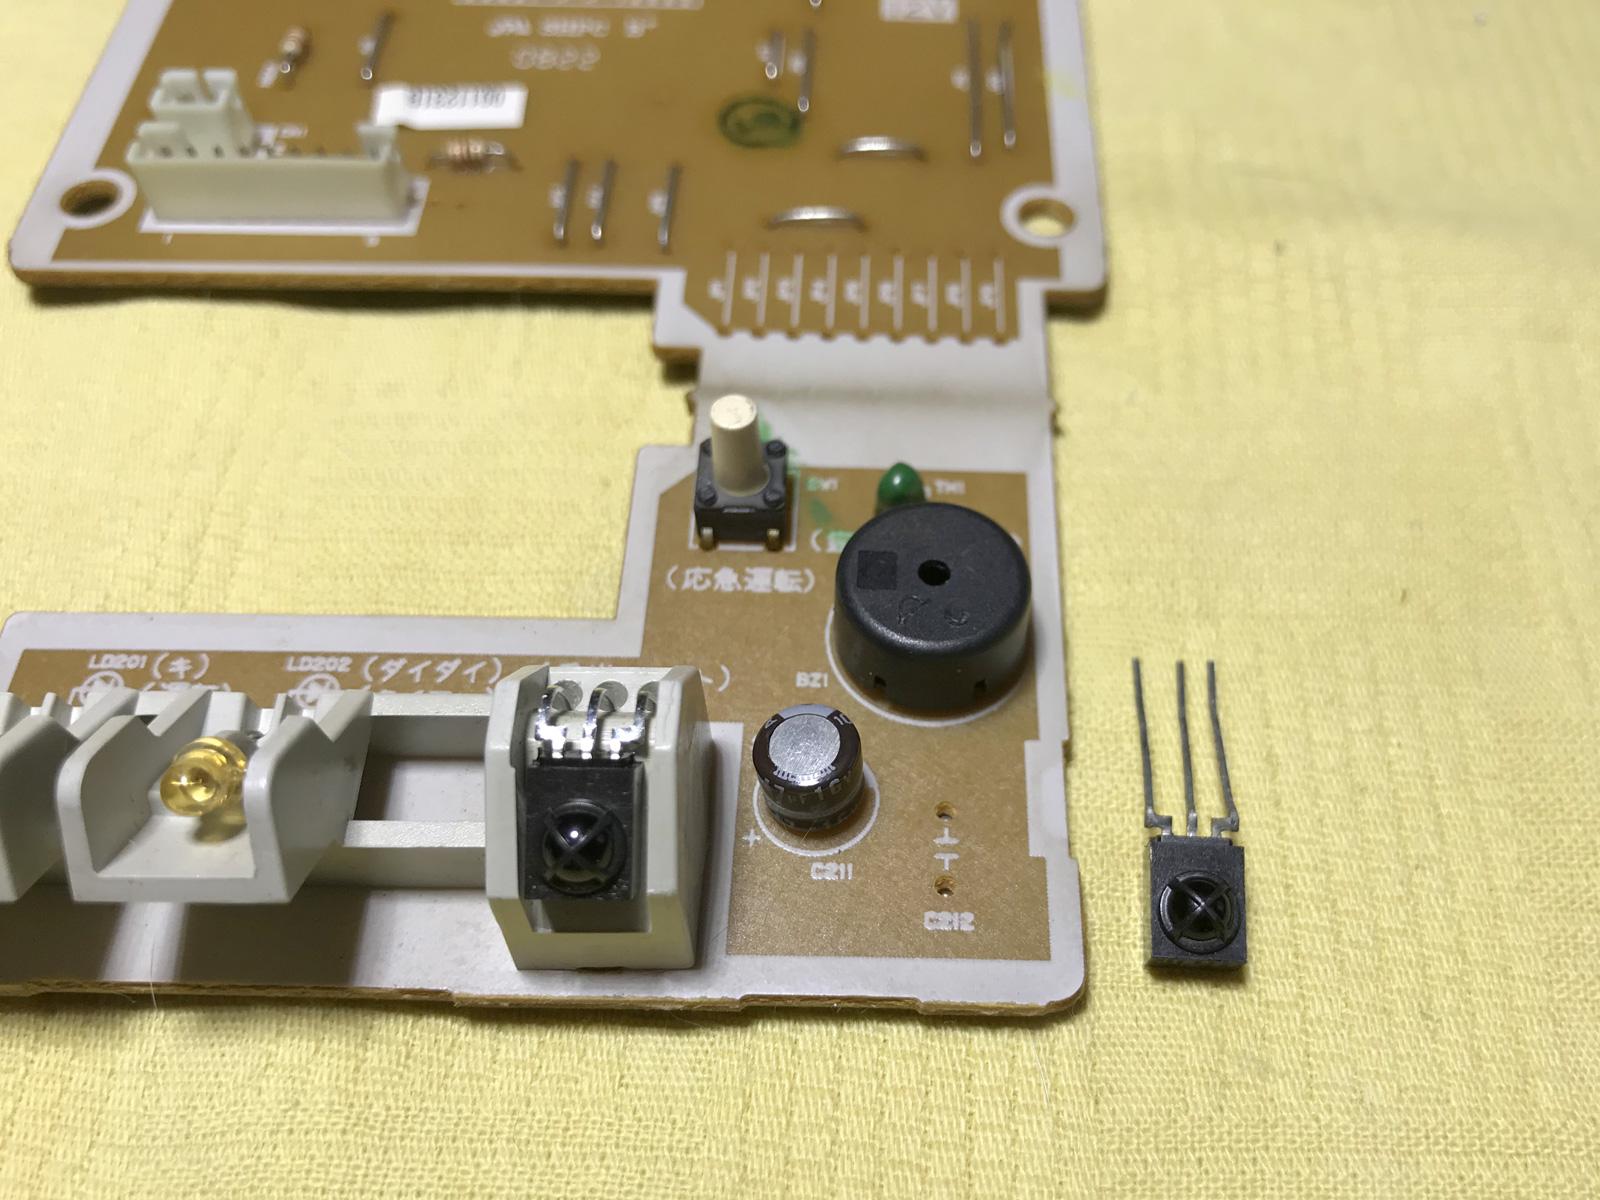 リモコンが利かなくなった日立エアコン RAS-R22X の赤外線受光部をDIY修理